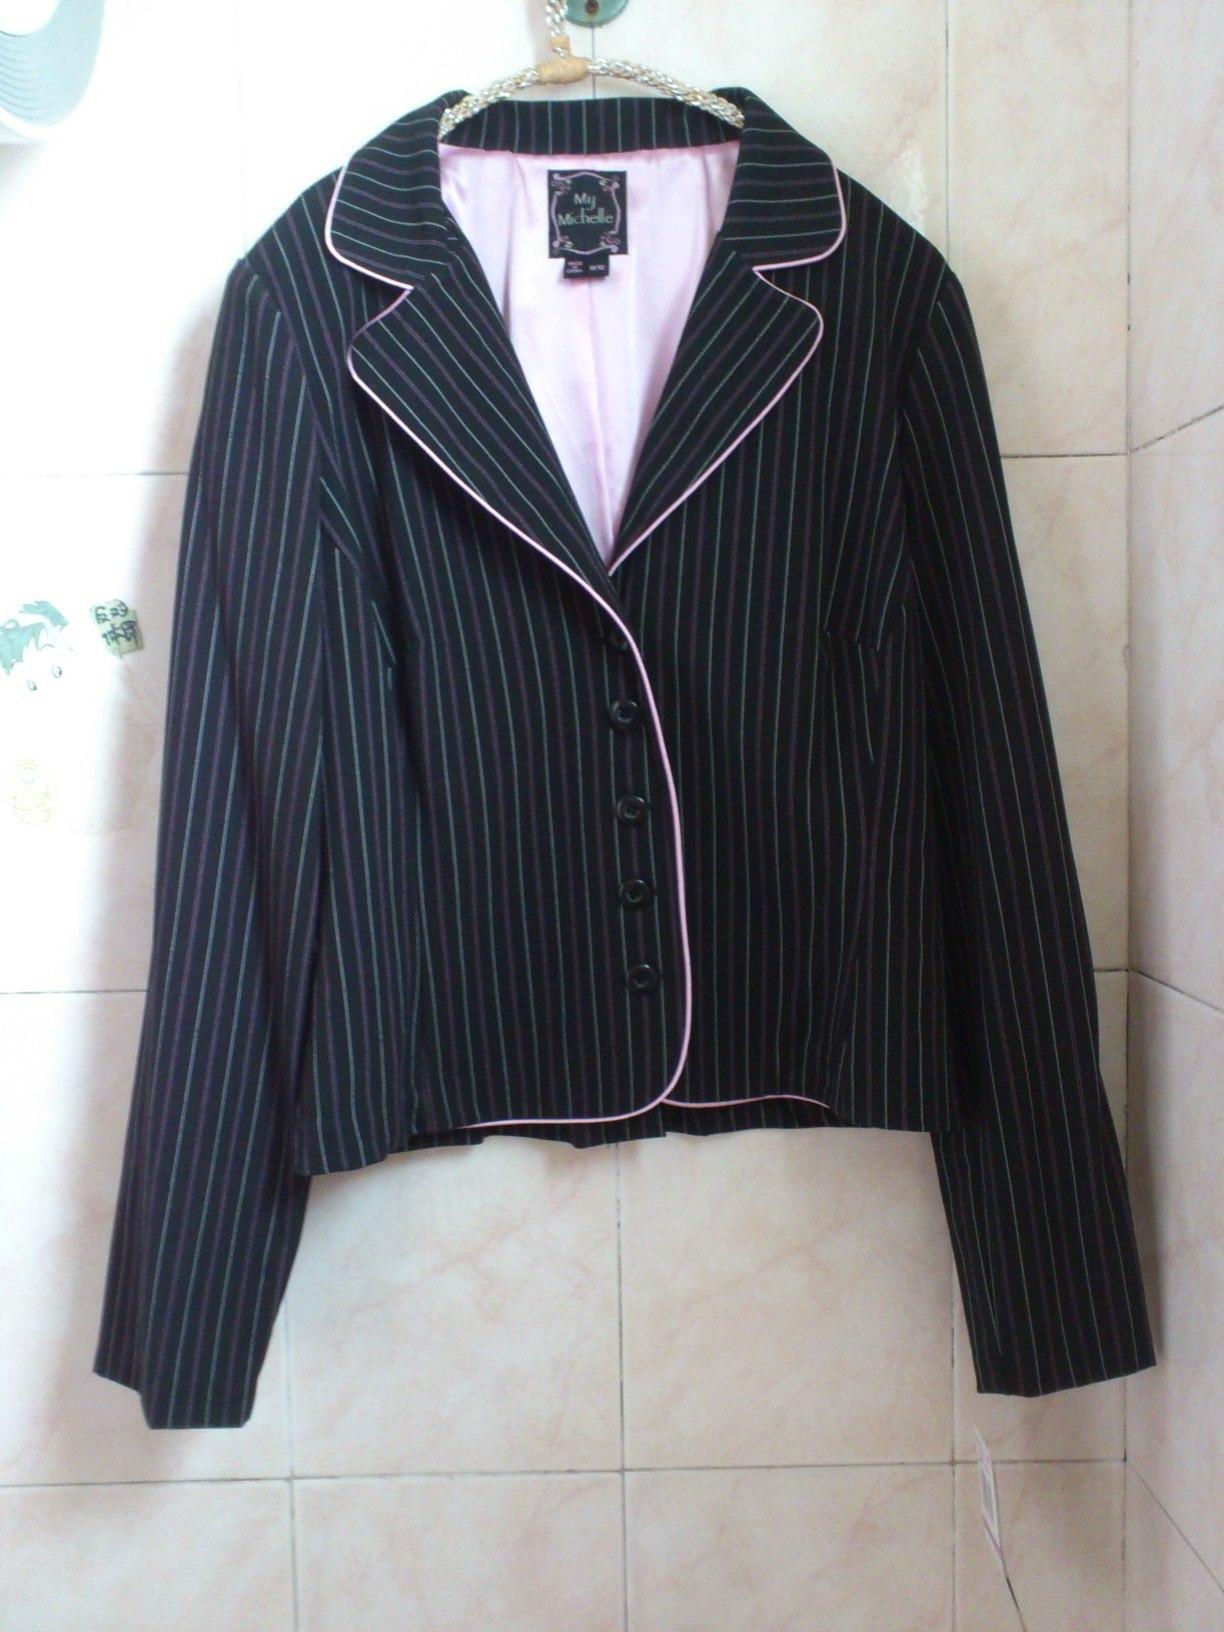 Блэйзер ▲ ▲ Китайская капуста экспортирует за пределами Европы и мой костюм Мишель розовые полосатые лацкан